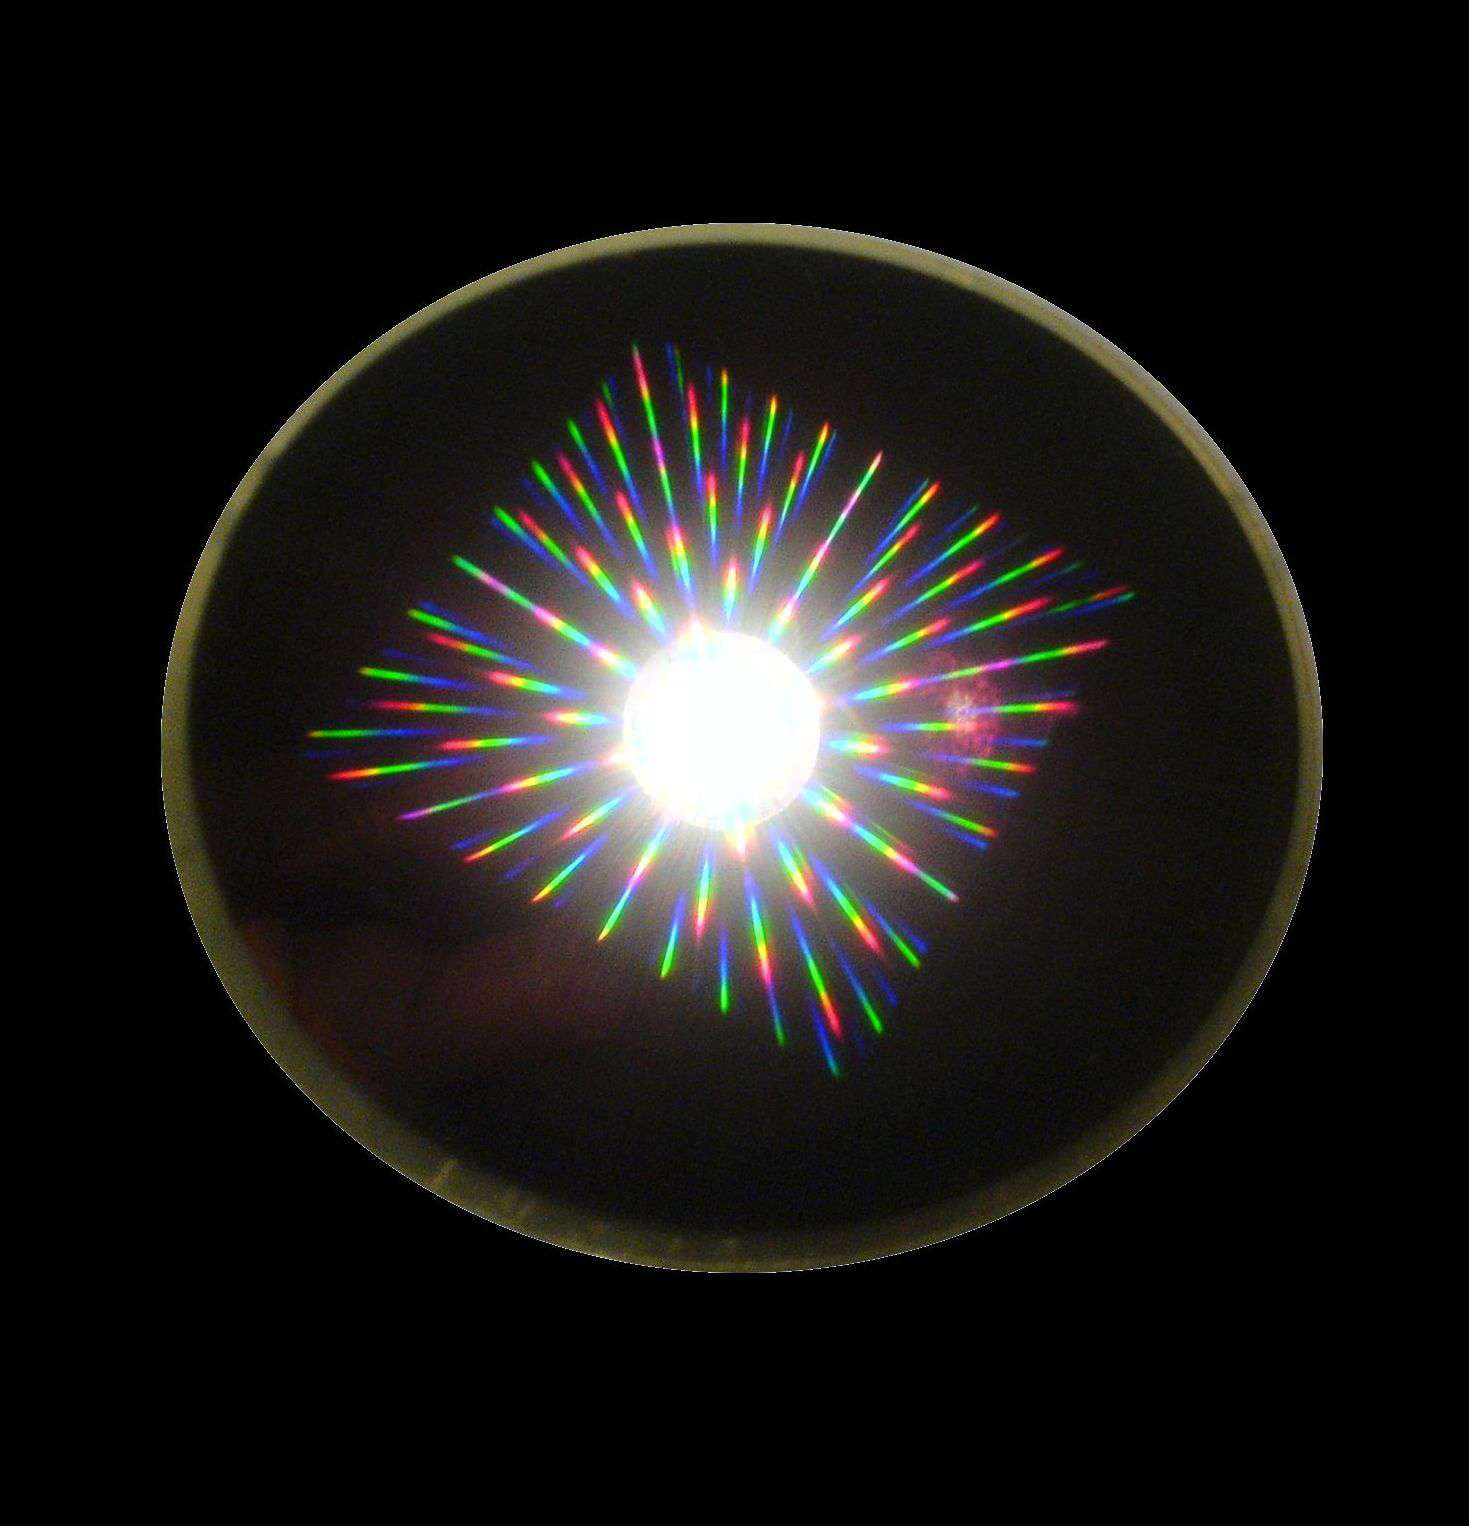 Un réseau de micro-aimants du NIST diffusent la lumière de façon bien spécifique comme le montre cette image. Crédit : G. Zabow, NIST/NIH